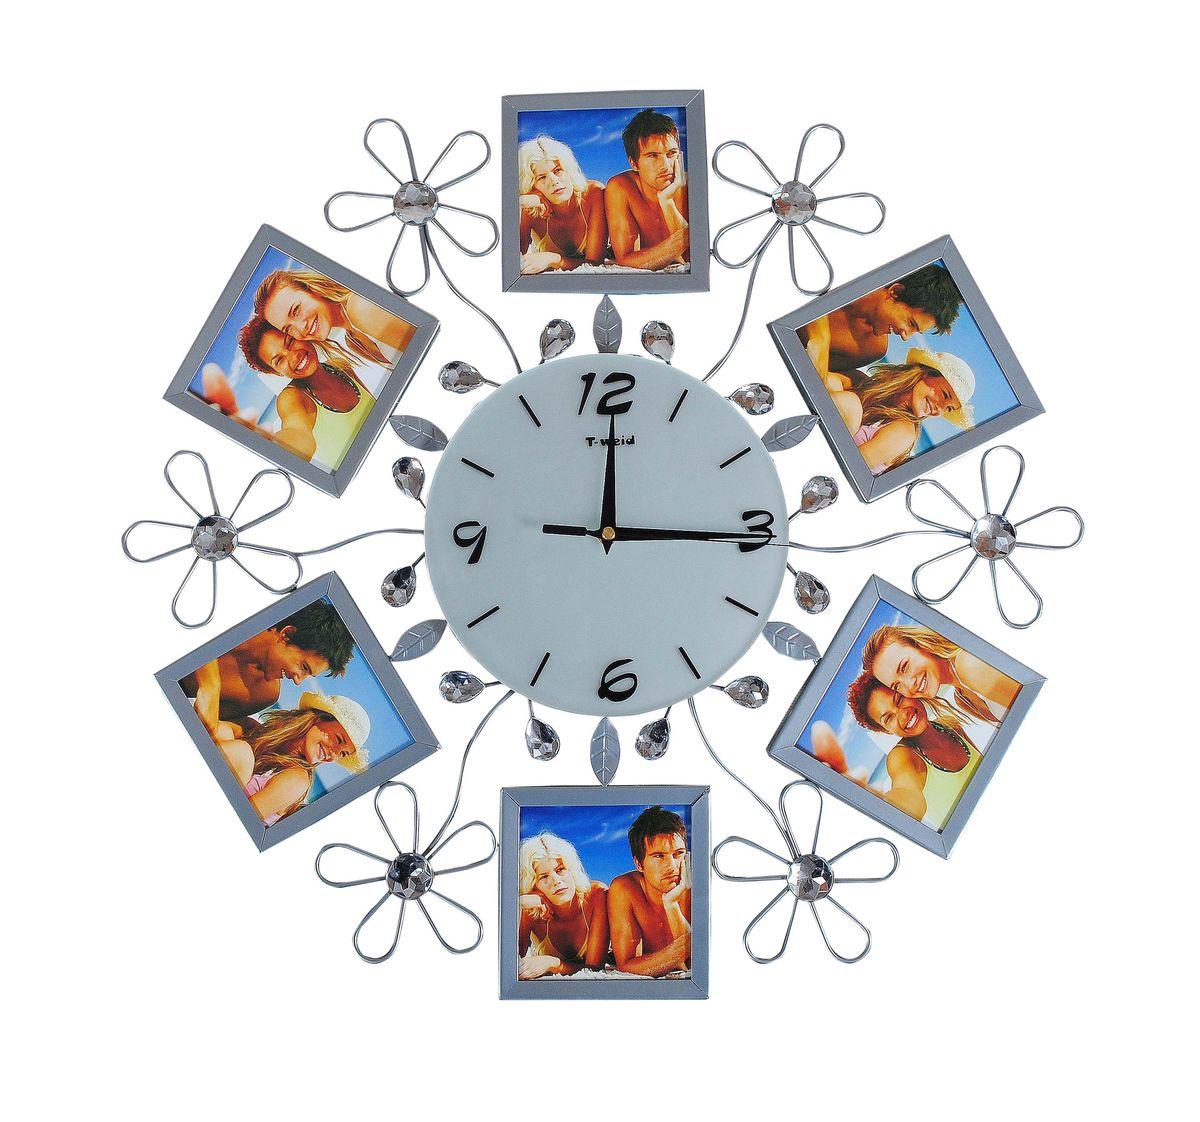 Часы настенные T-Weid, цвет: серебристый, 50 х 50 х 5 см94672Настенные кварцевые часы - это прекрасный предмет декора, а также универсальный подарок практически по любому поводу. Циферблат часов оснащен тремя фигурными стрелками: часовой, минутной и секундной. Циферблат выполнен из матового, прочного стекла. Корпус часов украшен стразами. На задней стенке часов расположена металлическая петелька для подвешивания и блок с часовым механизмом. Часы прекрасно впишутся в любой интерьер. Тип механизма: плавающий, бесшумный. Рекомендуется докупить батарейку типа АА (не входит в комплект). Для 6 фото 11х11 см.